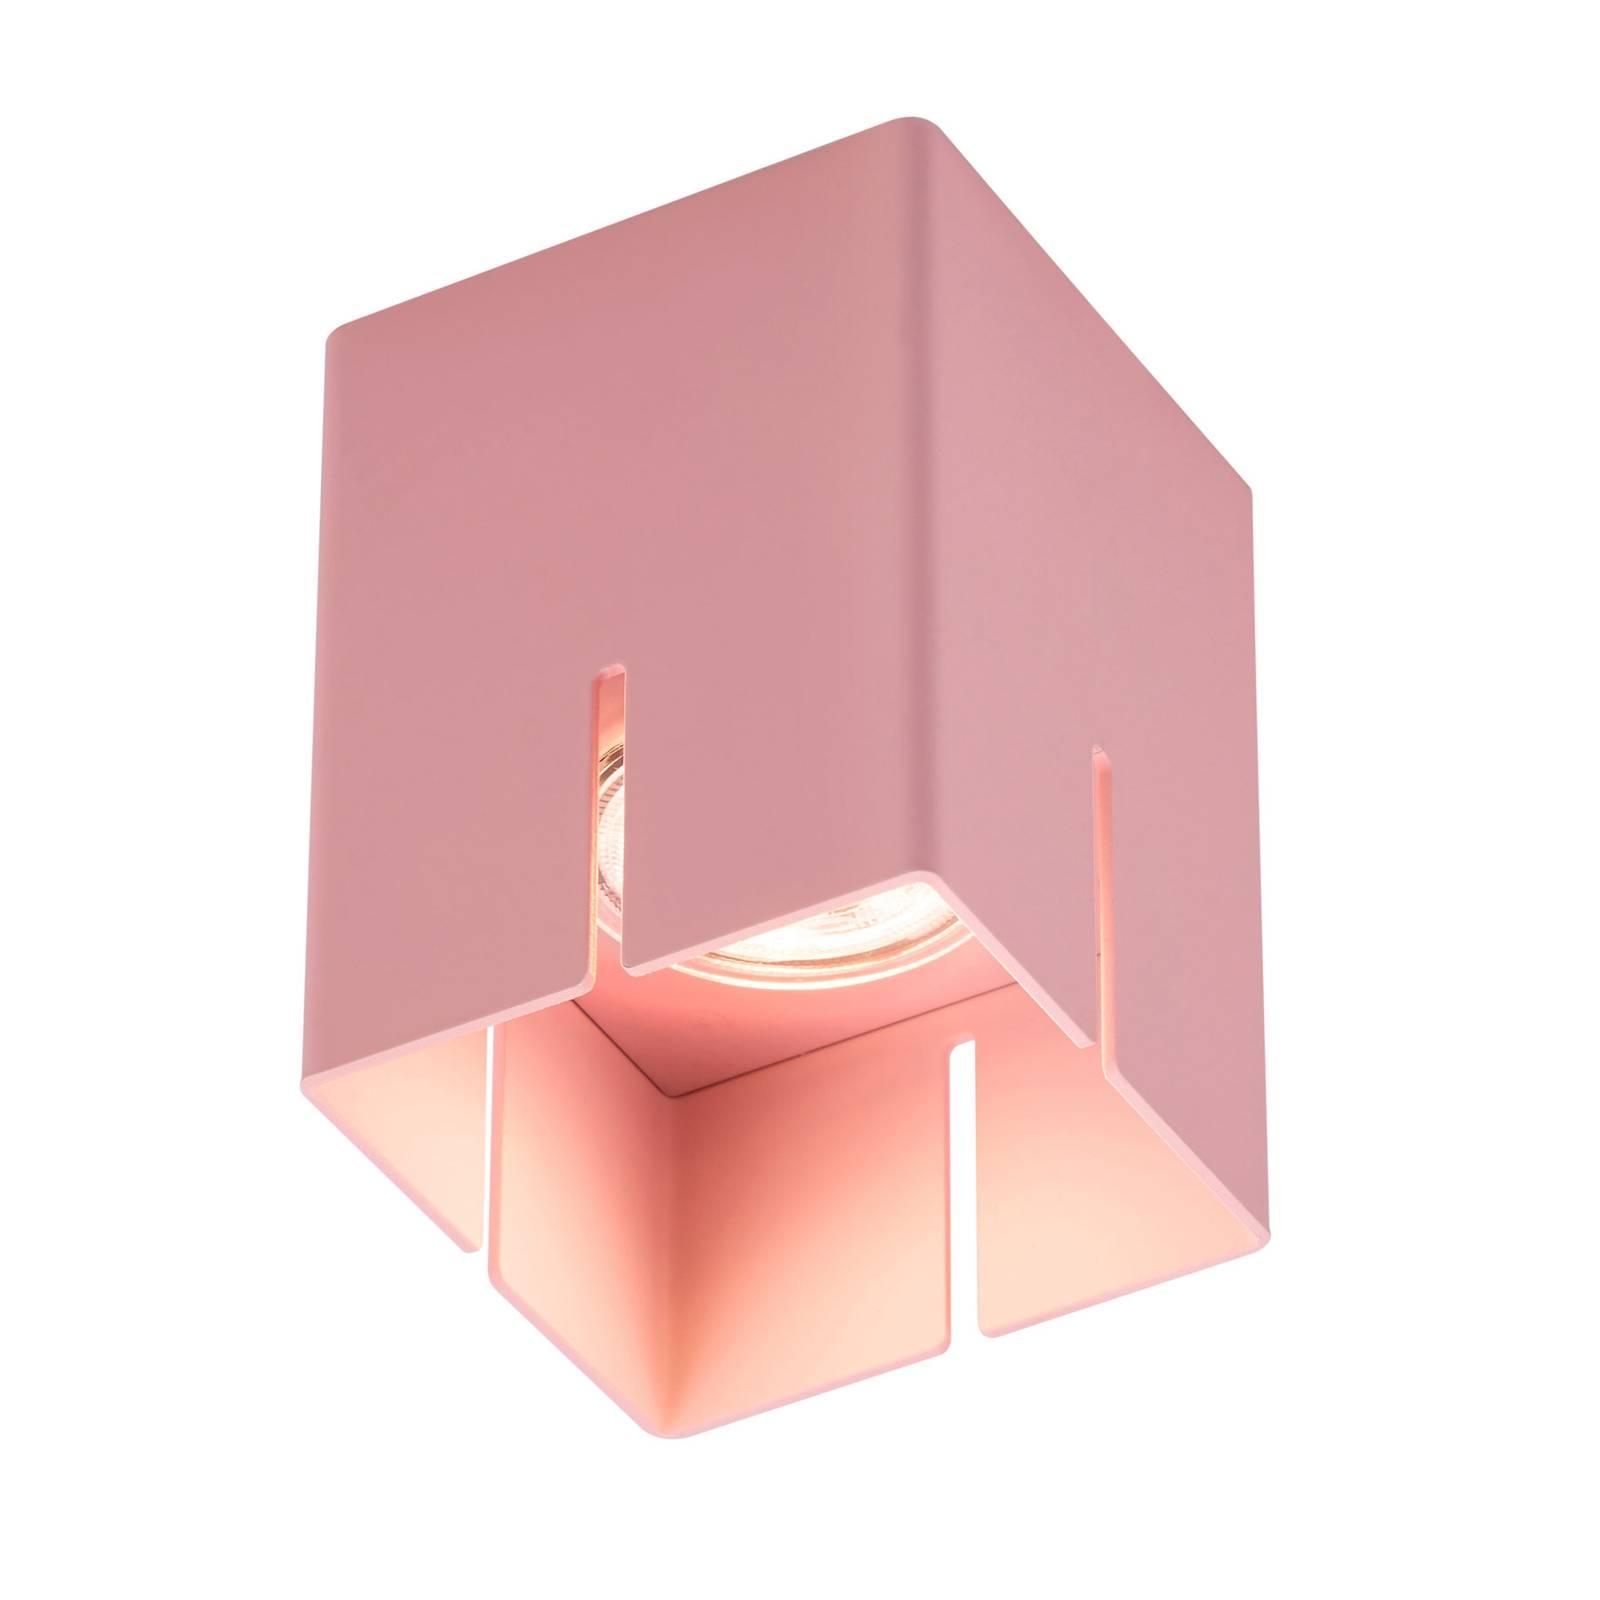 Baulmann 83.200 Deckenleuchte, rosa, Höhe 10 cm